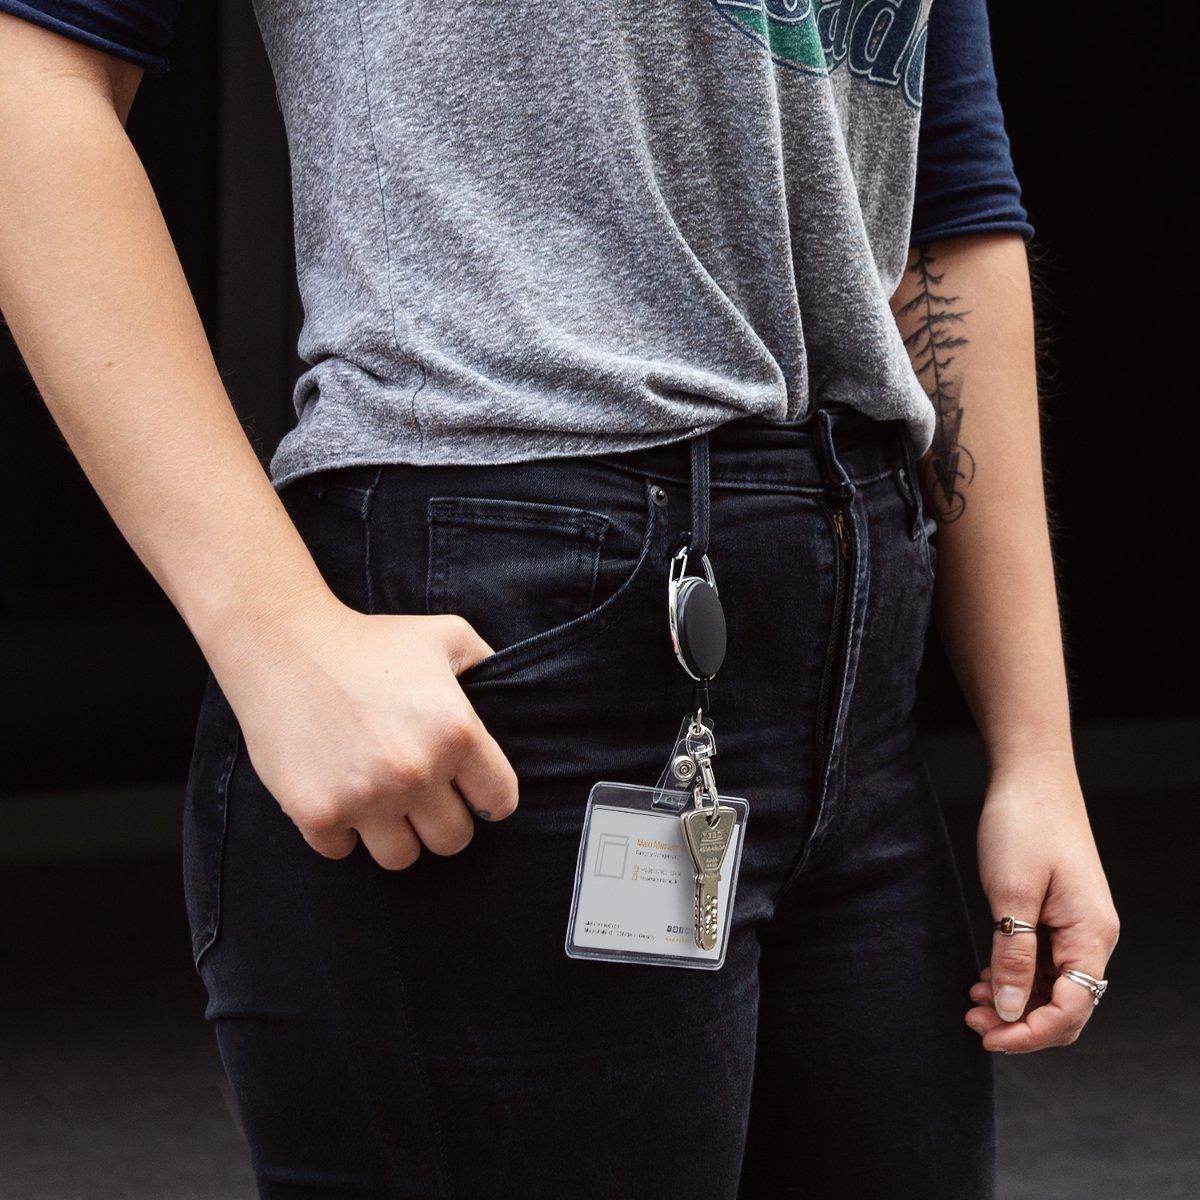 cf0a2dd1285d kwmobile Porte-clés yoyo - Porte-badge enrouleur rétractable - Clip  ceinture mousqueton - Carte identité visiteur - Employé infirmier  entreprise  Amazon.fr  ...